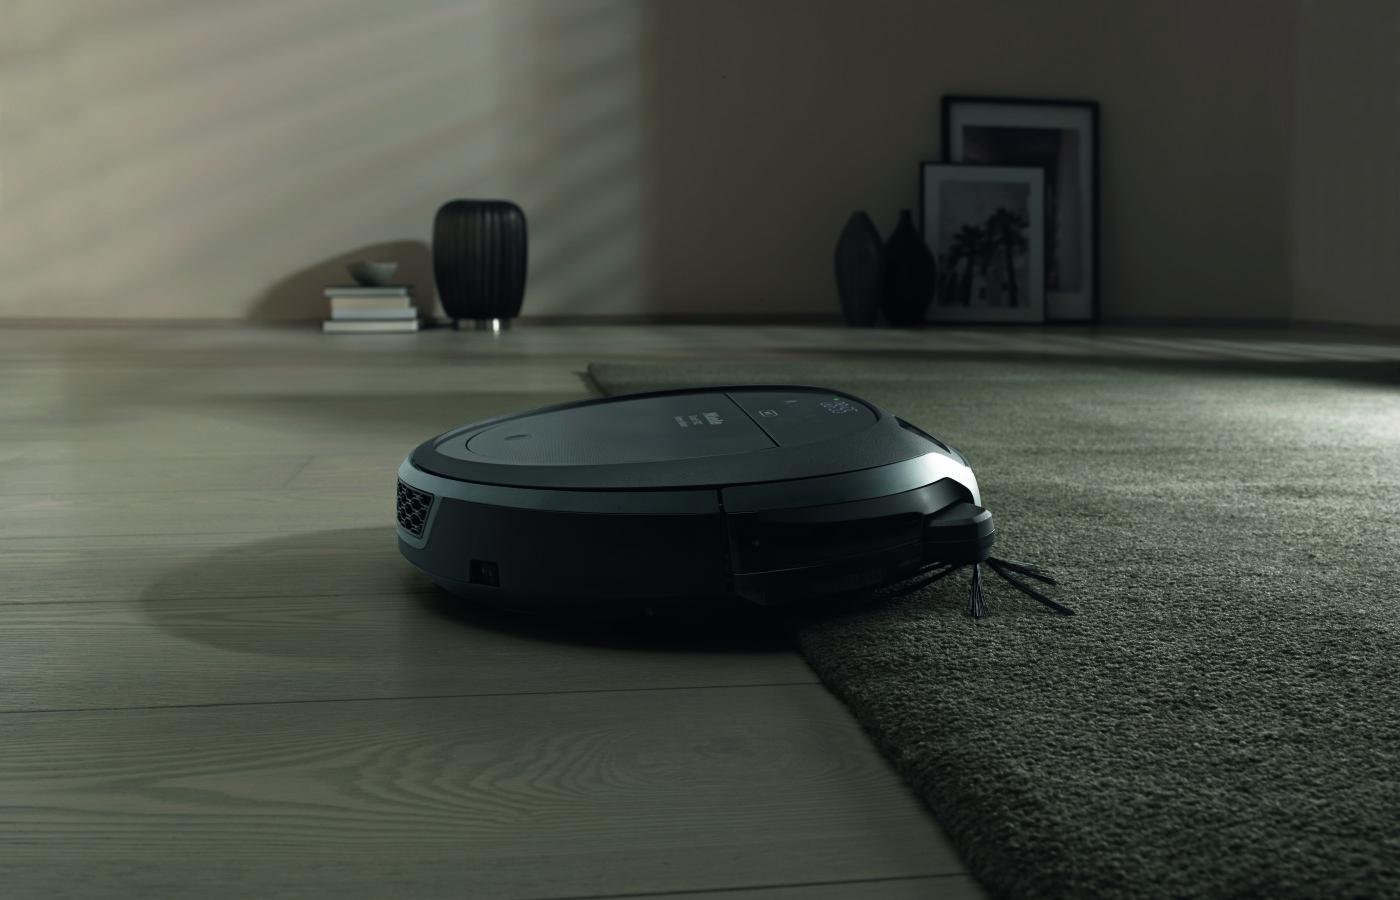 Новый всасывающий робот скаута RX2 от Miele отличается лучшей всасывающей производительностью на всех настилах. На ковре принятие пыли троекратно выше чем раньше.